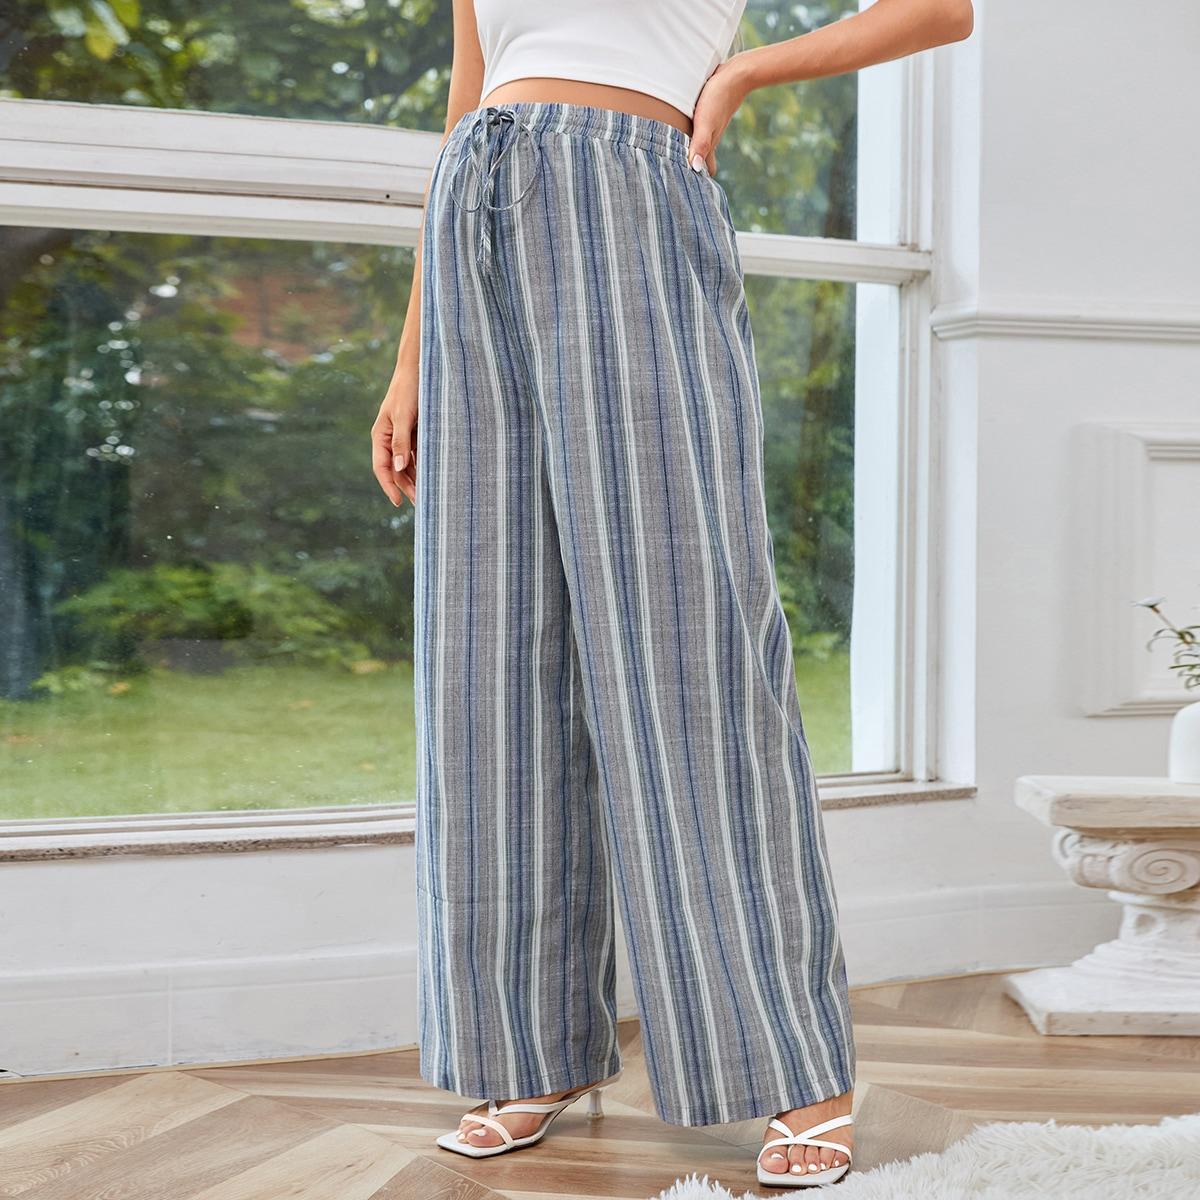 Maternidad Pantalones de pierna ancha de rayas de cintura con cordón